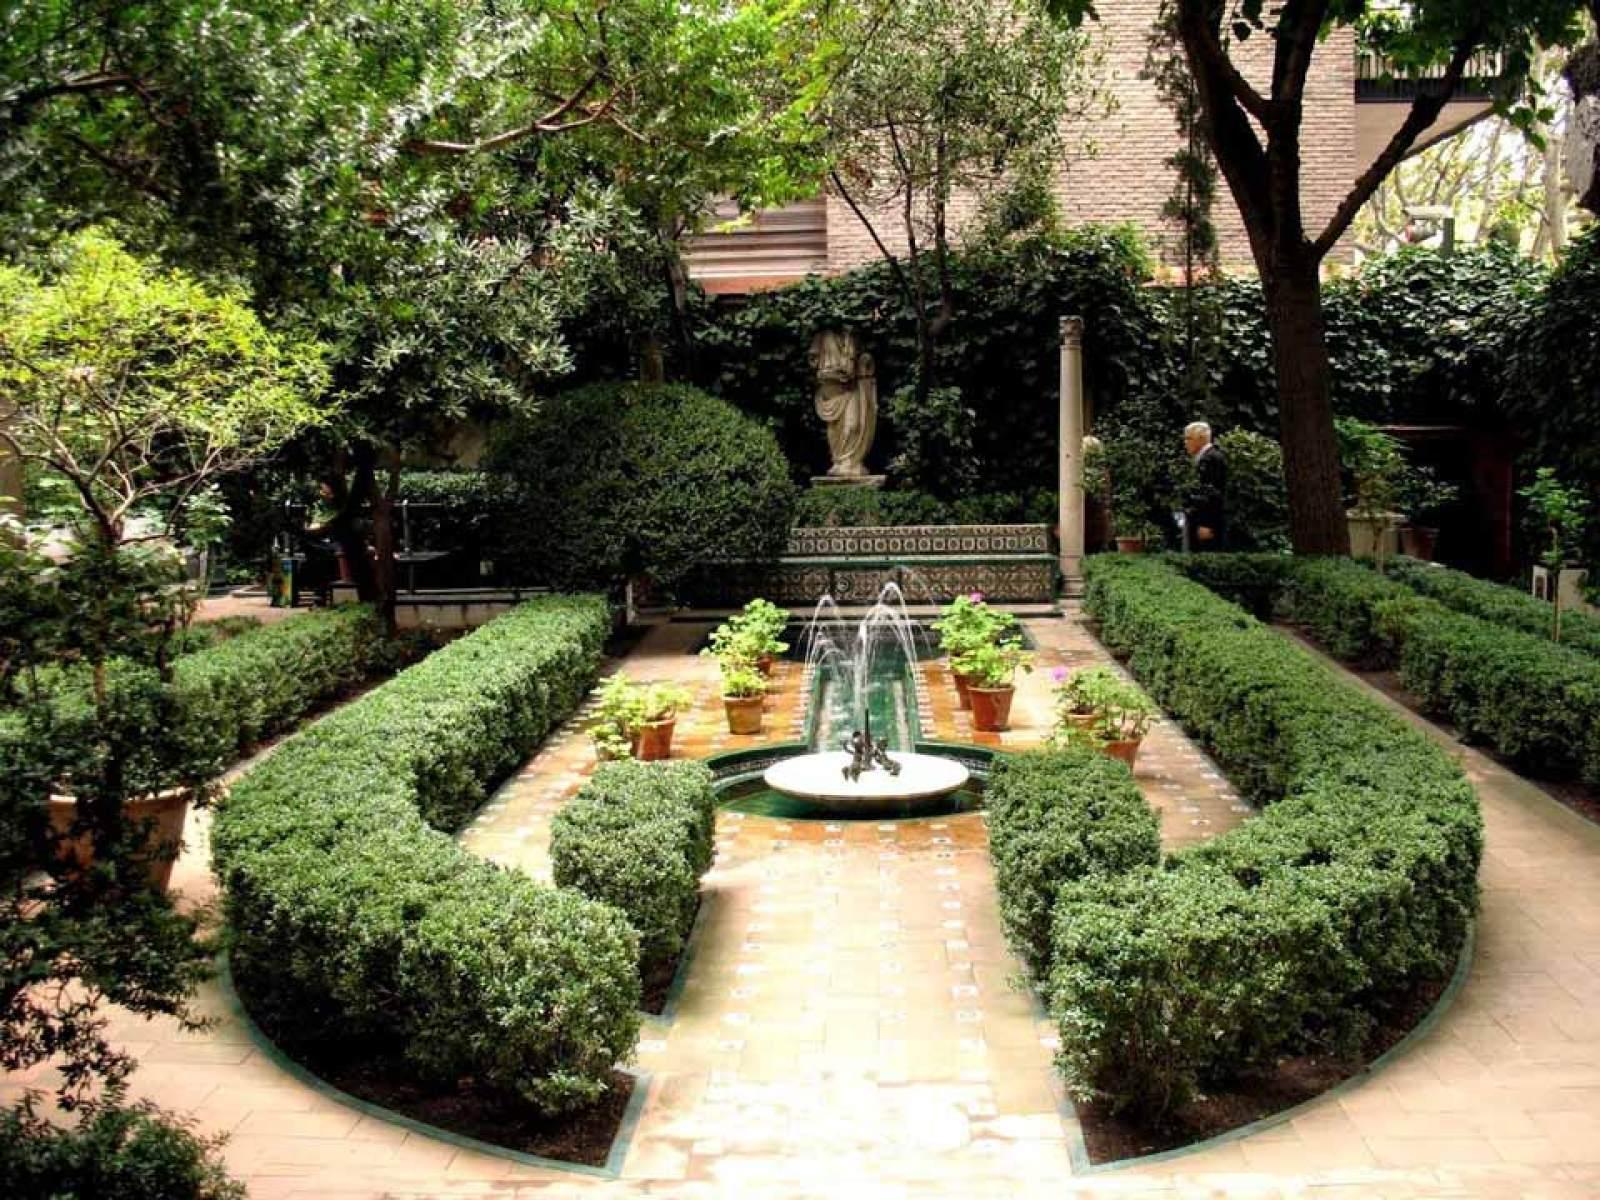 Vista de la segunda parte del jardín influenciado por el Generalife granadino